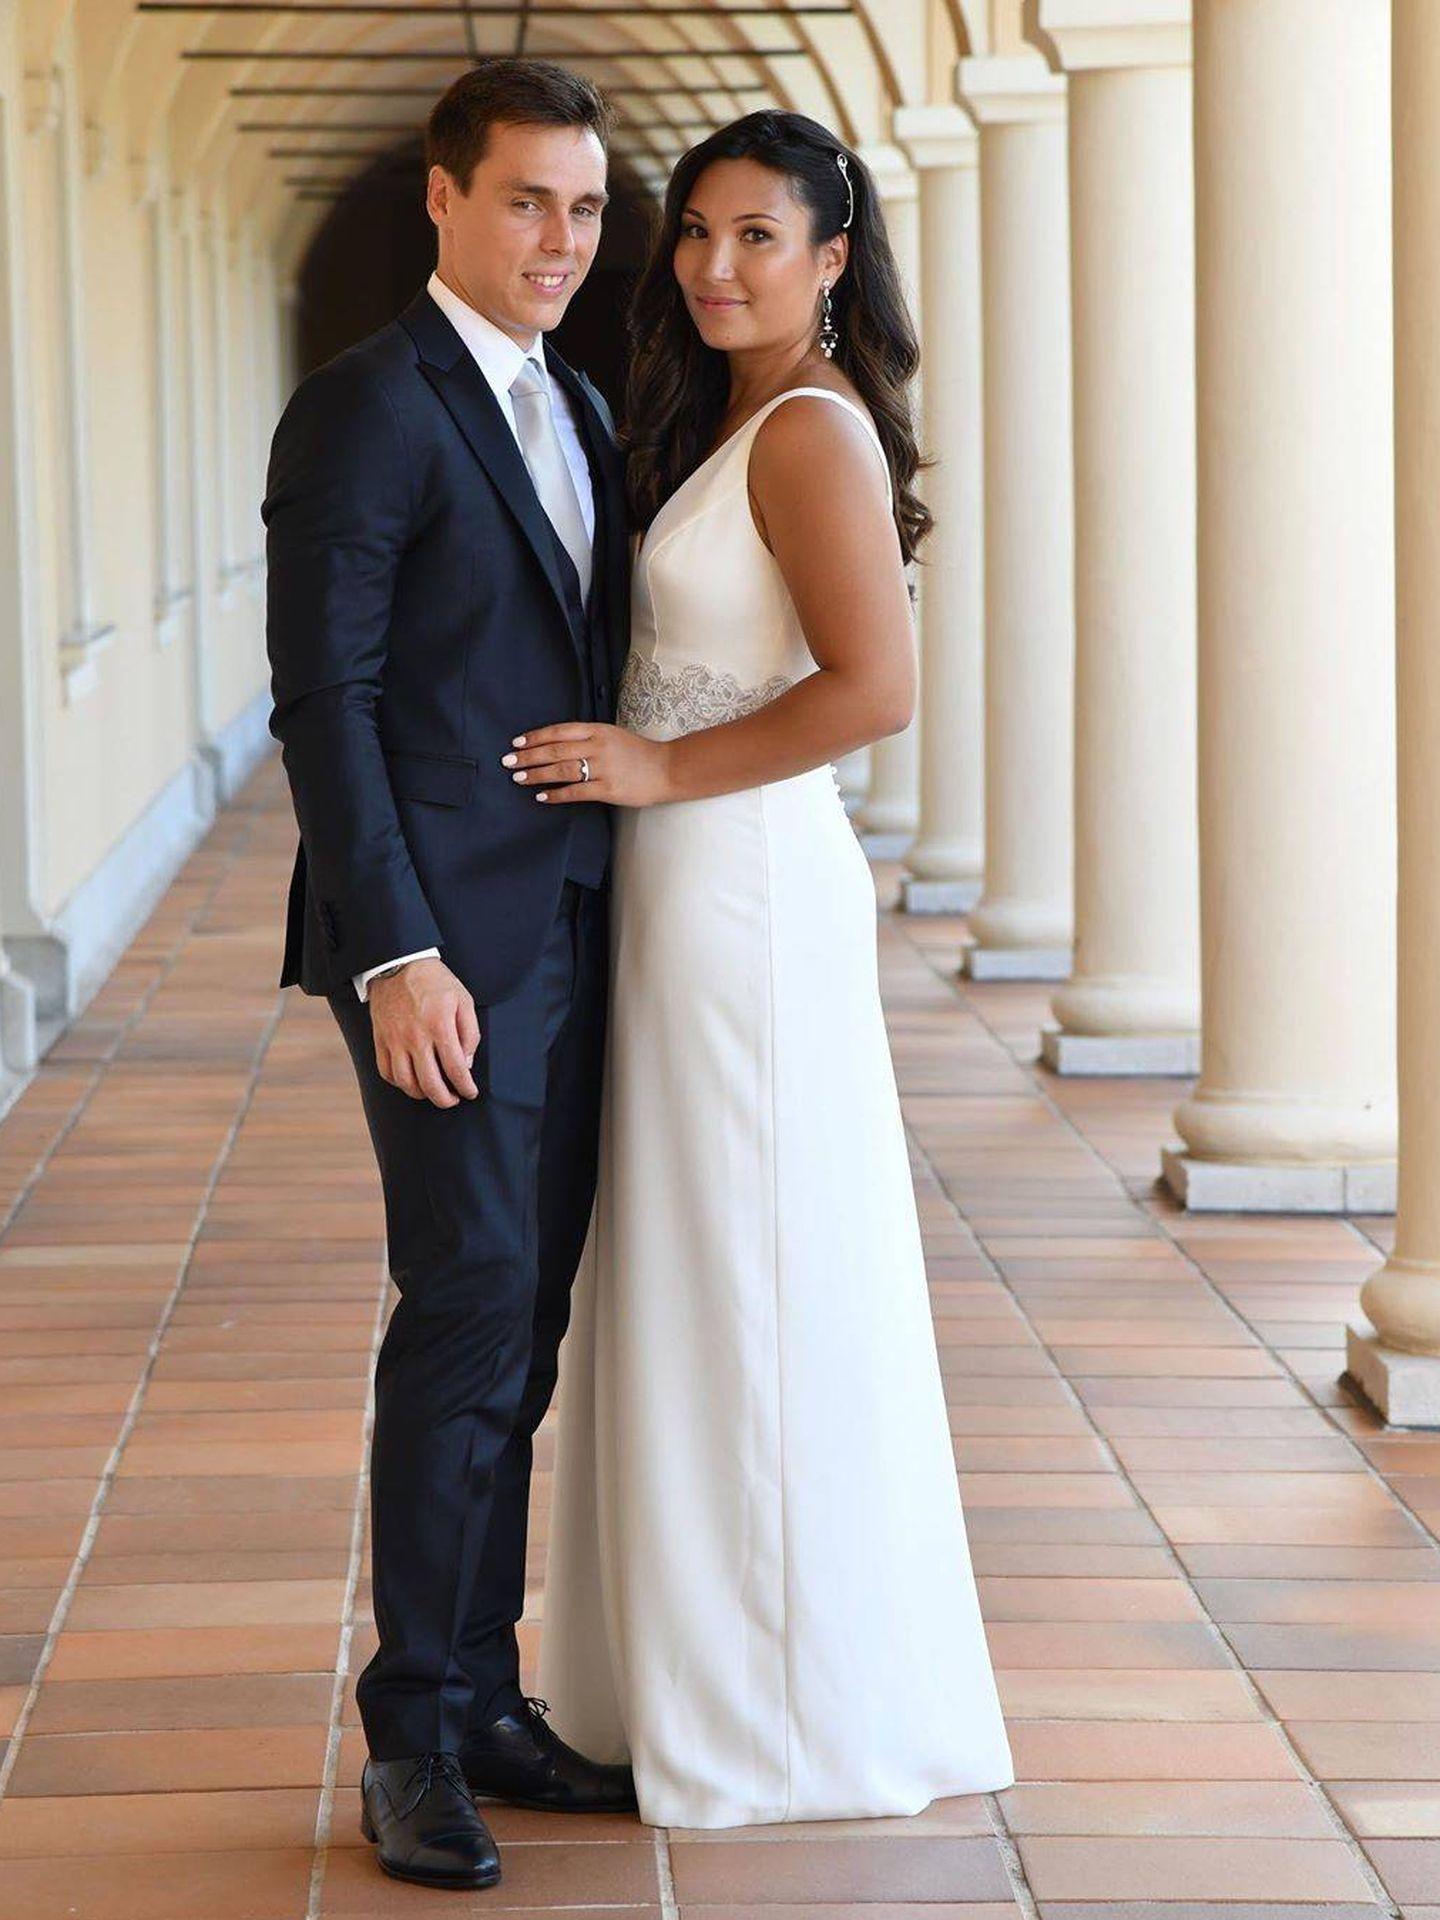 Louis Ducruet y Marie Chevallier, tras su ceremonia civil. (Rosa Clará)